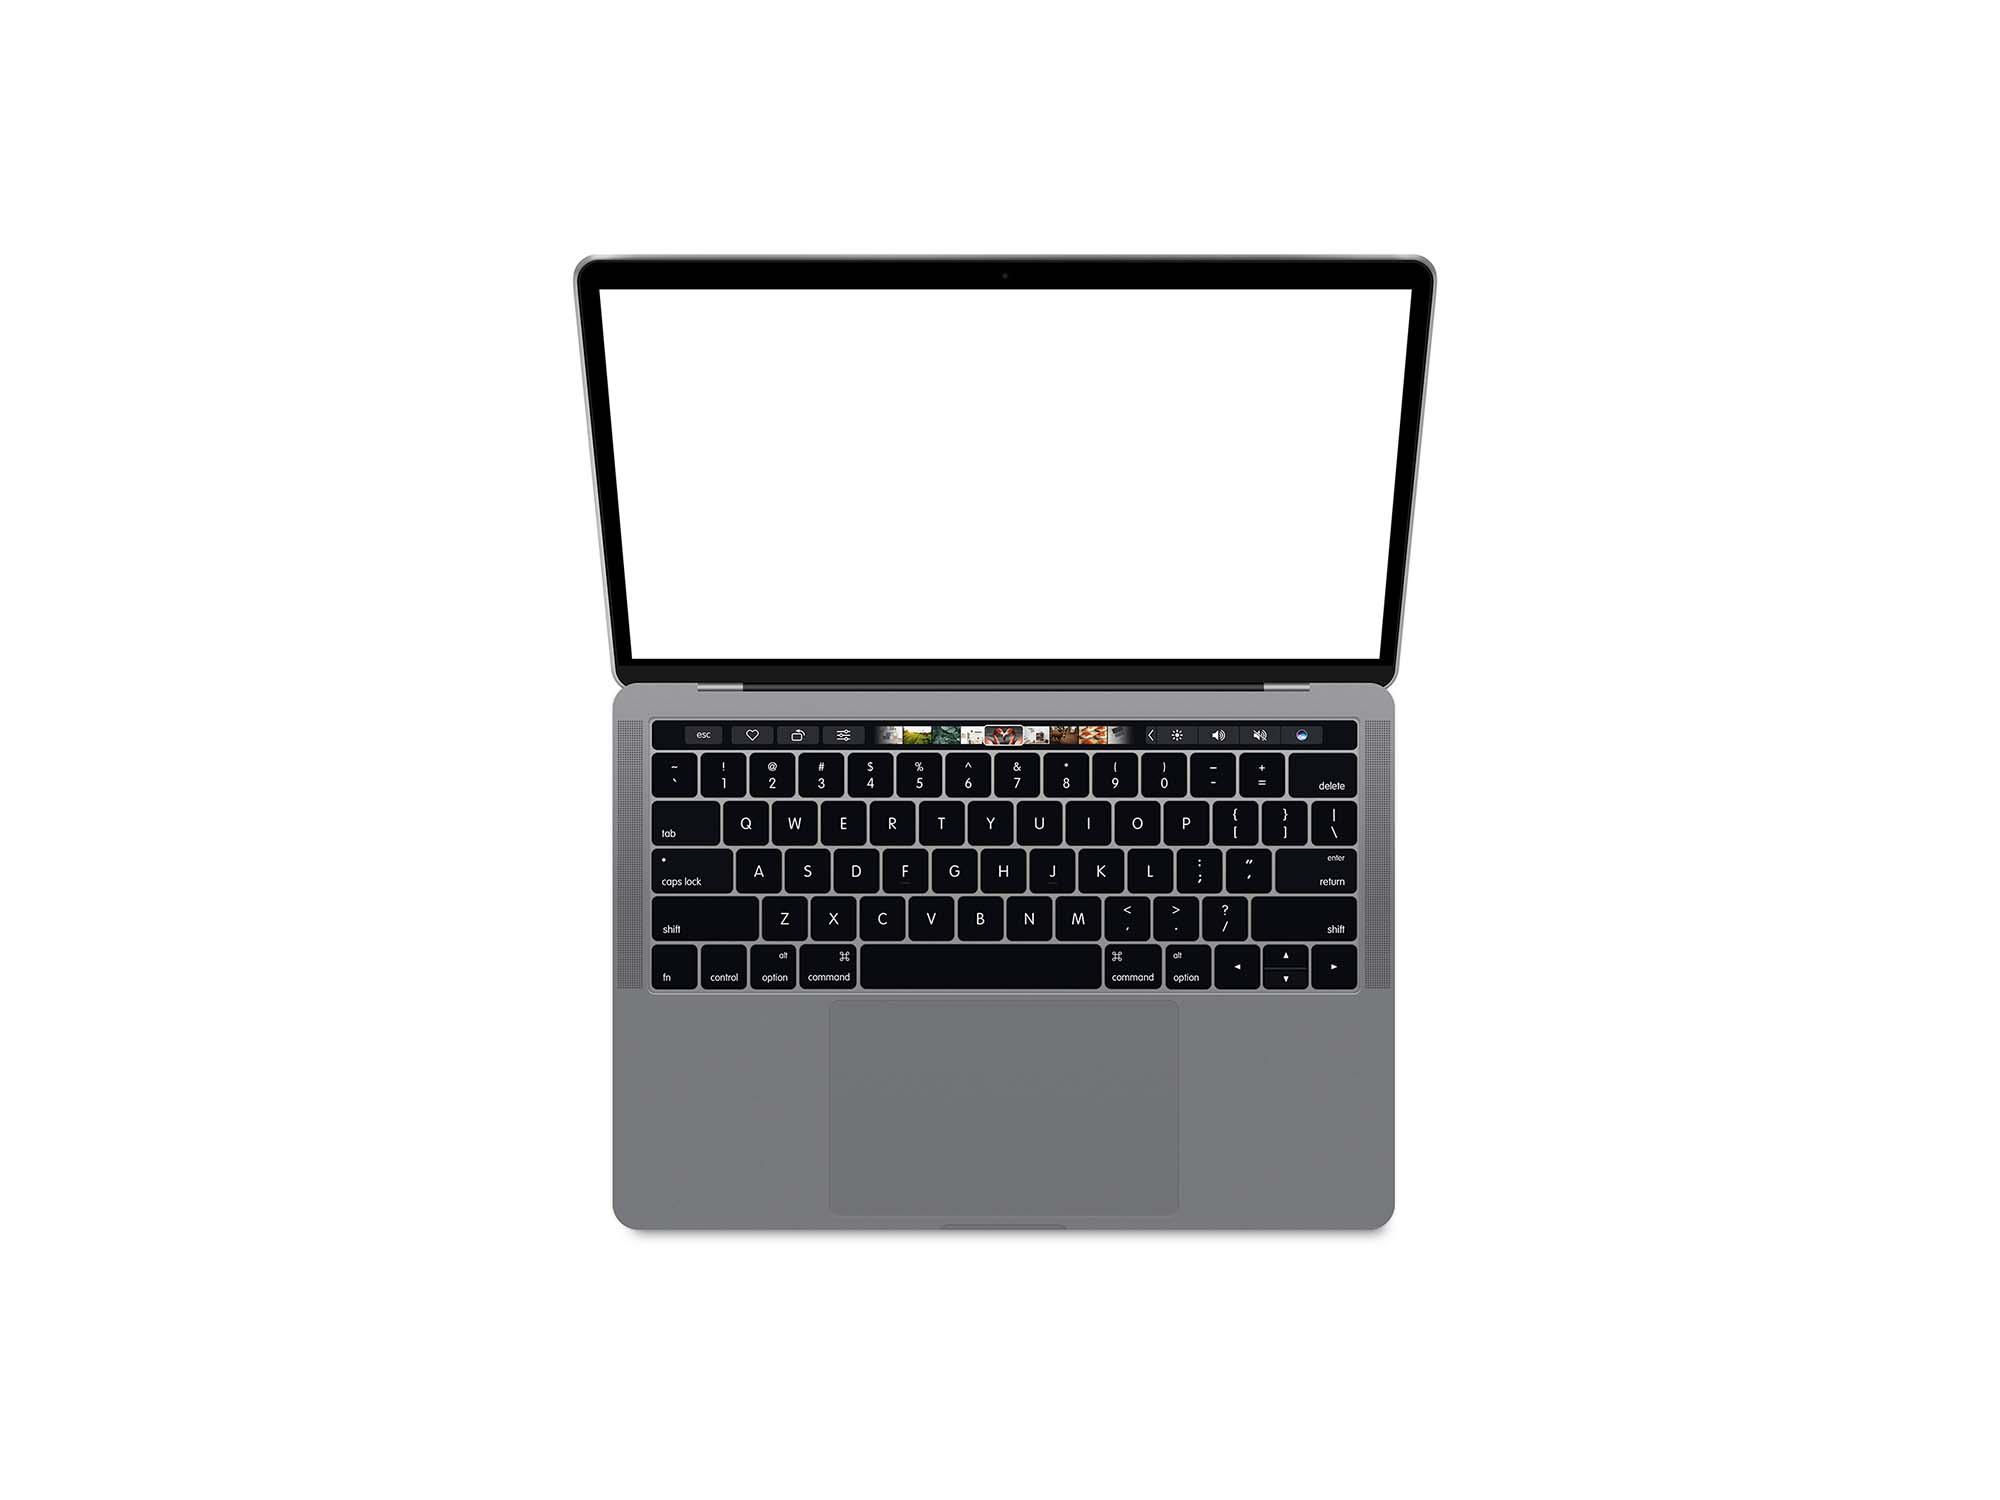 Top View MacBook Pro Mockup